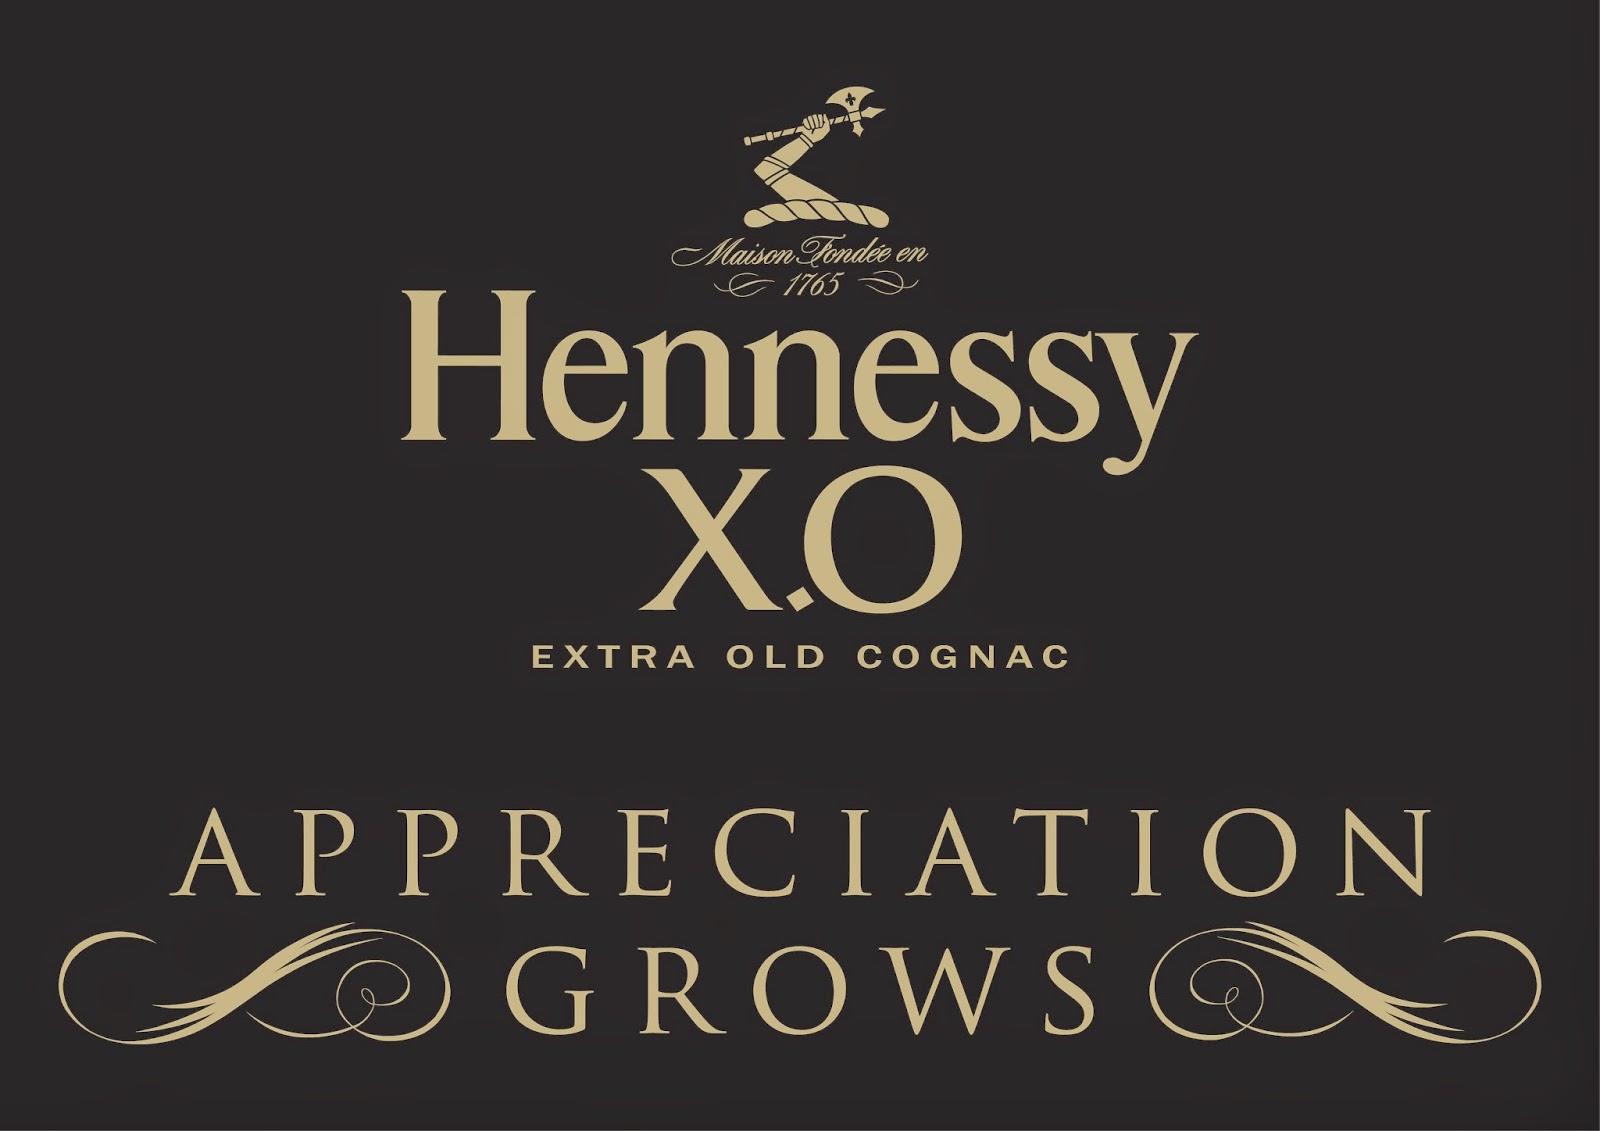 Henny XO